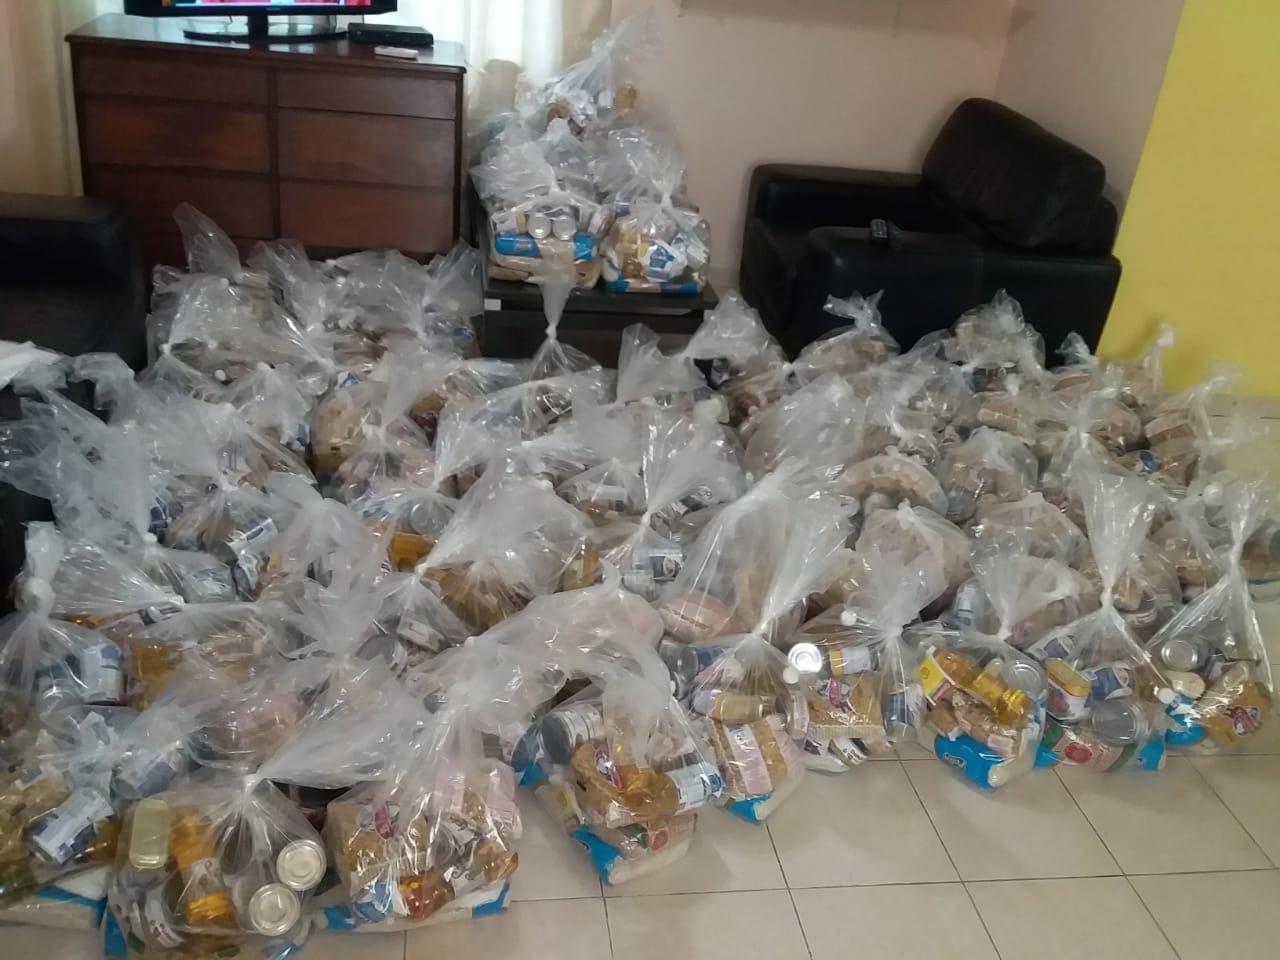 El párroco y feligreses del proyecto esperanza, de la parroquia la Ascensión del Señor, Mañanitas entregaron 363 bolas de comida a familias necesitadas